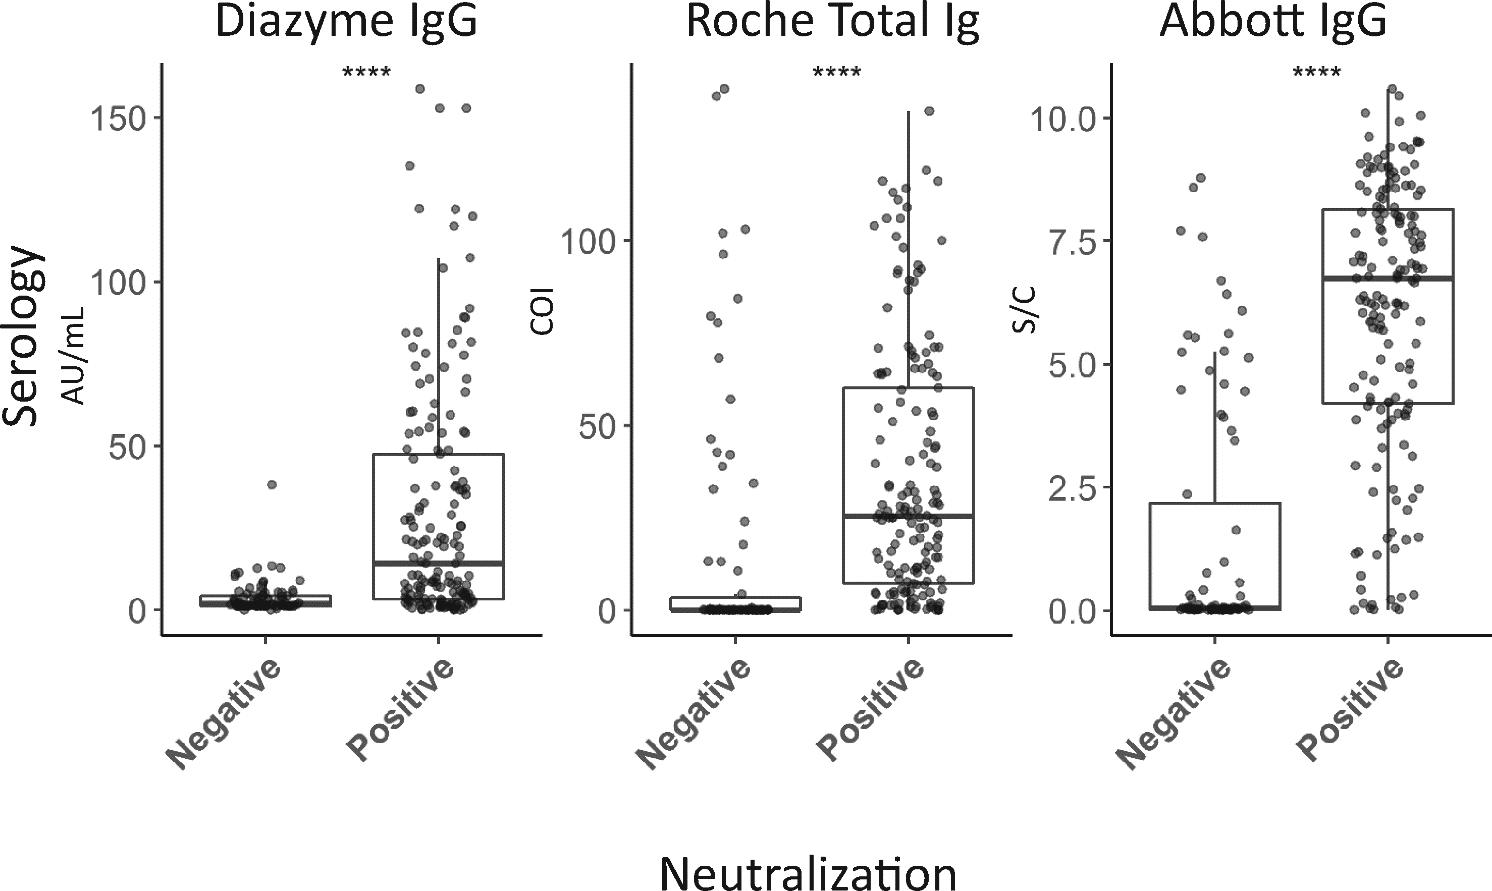 図9:検査会社ごとの中和抗体の反応状況の分布